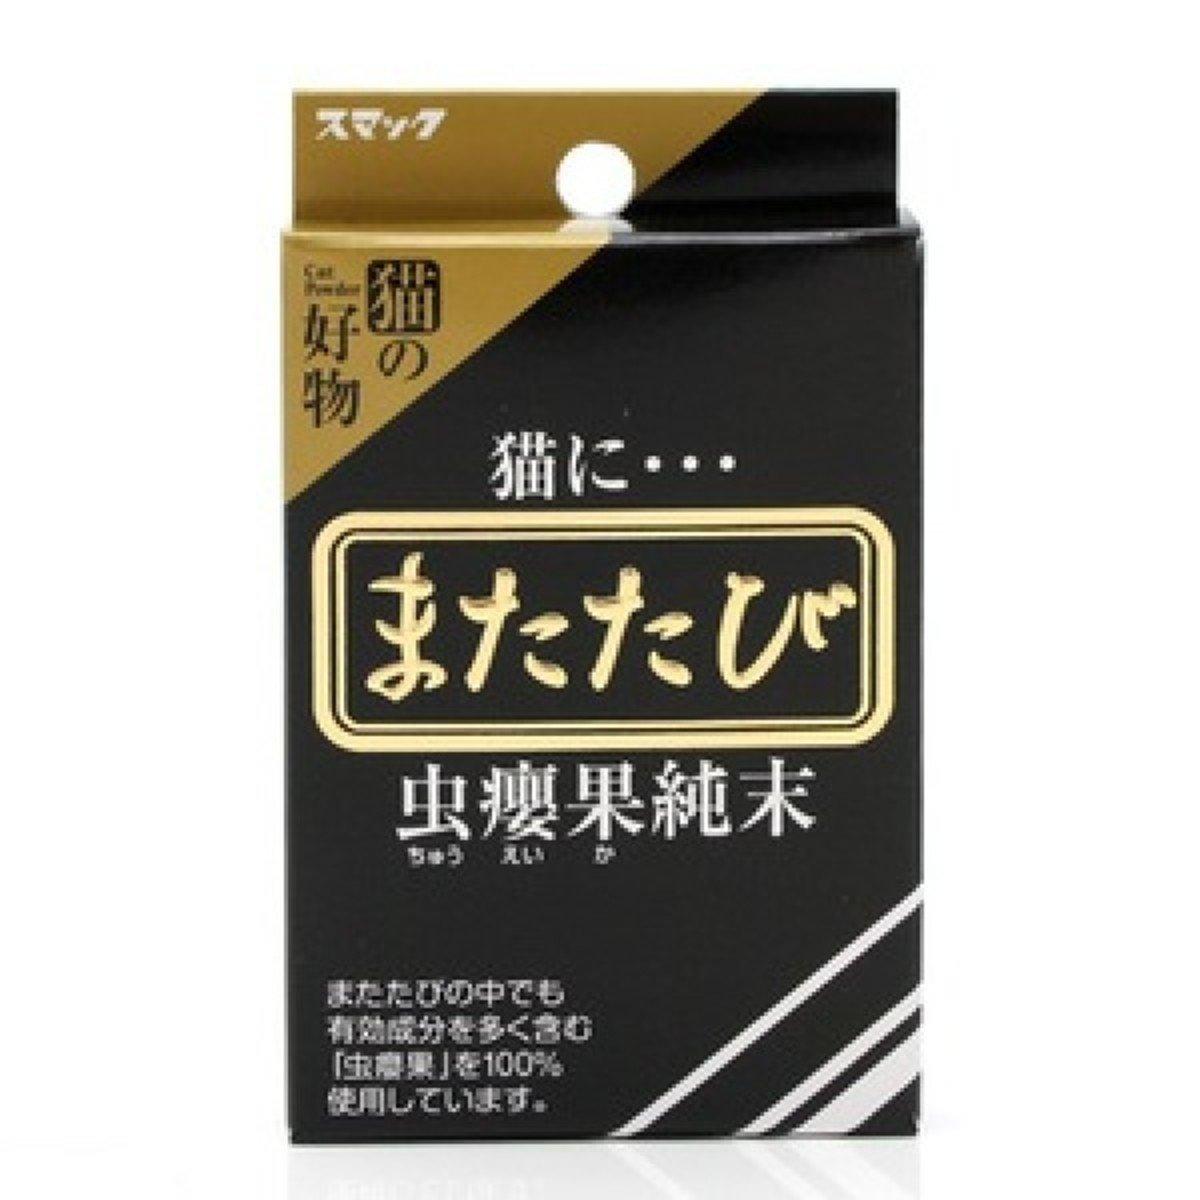 日本100%木天蓼粉末 (可食用)